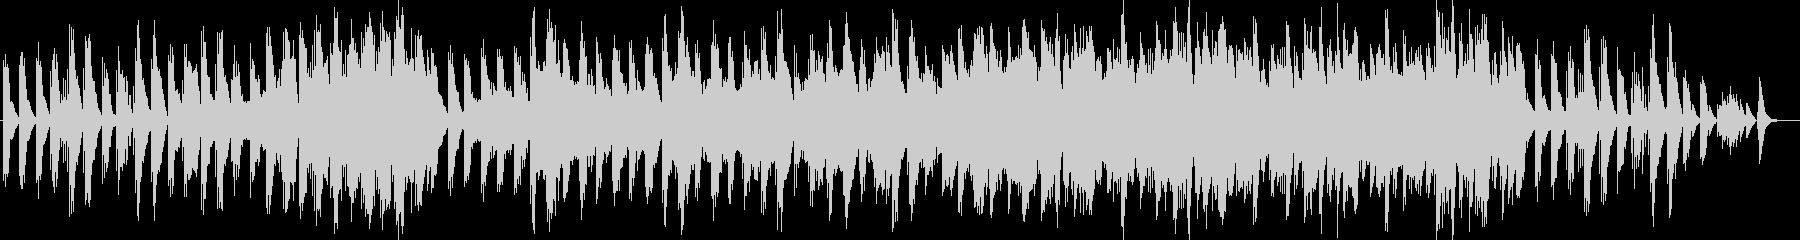 ハープによる癒しのメロディーの未再生の波形